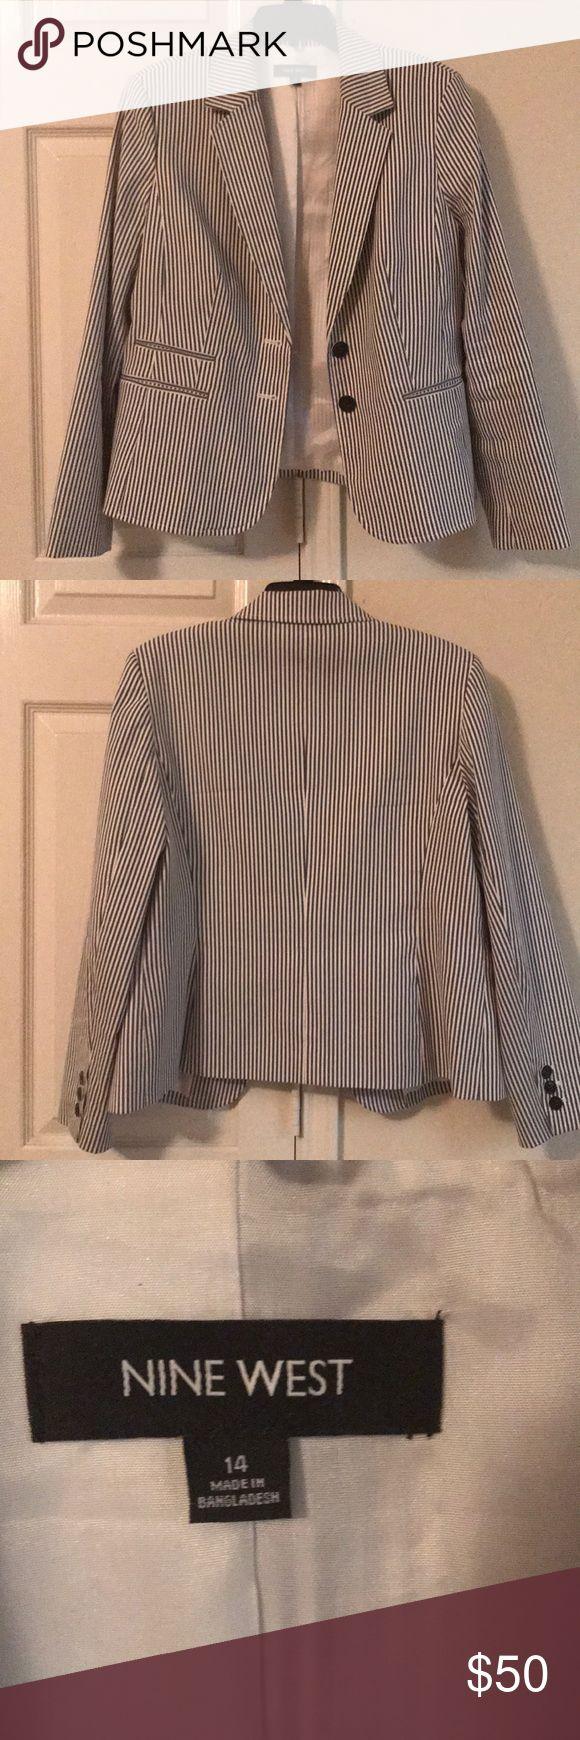 Seersucker blazer, dark gray/white, size 14 Dark gray/white striped (seersucker) blazer by Nine West, size 14 Nine West Jackets & Coats Blazers